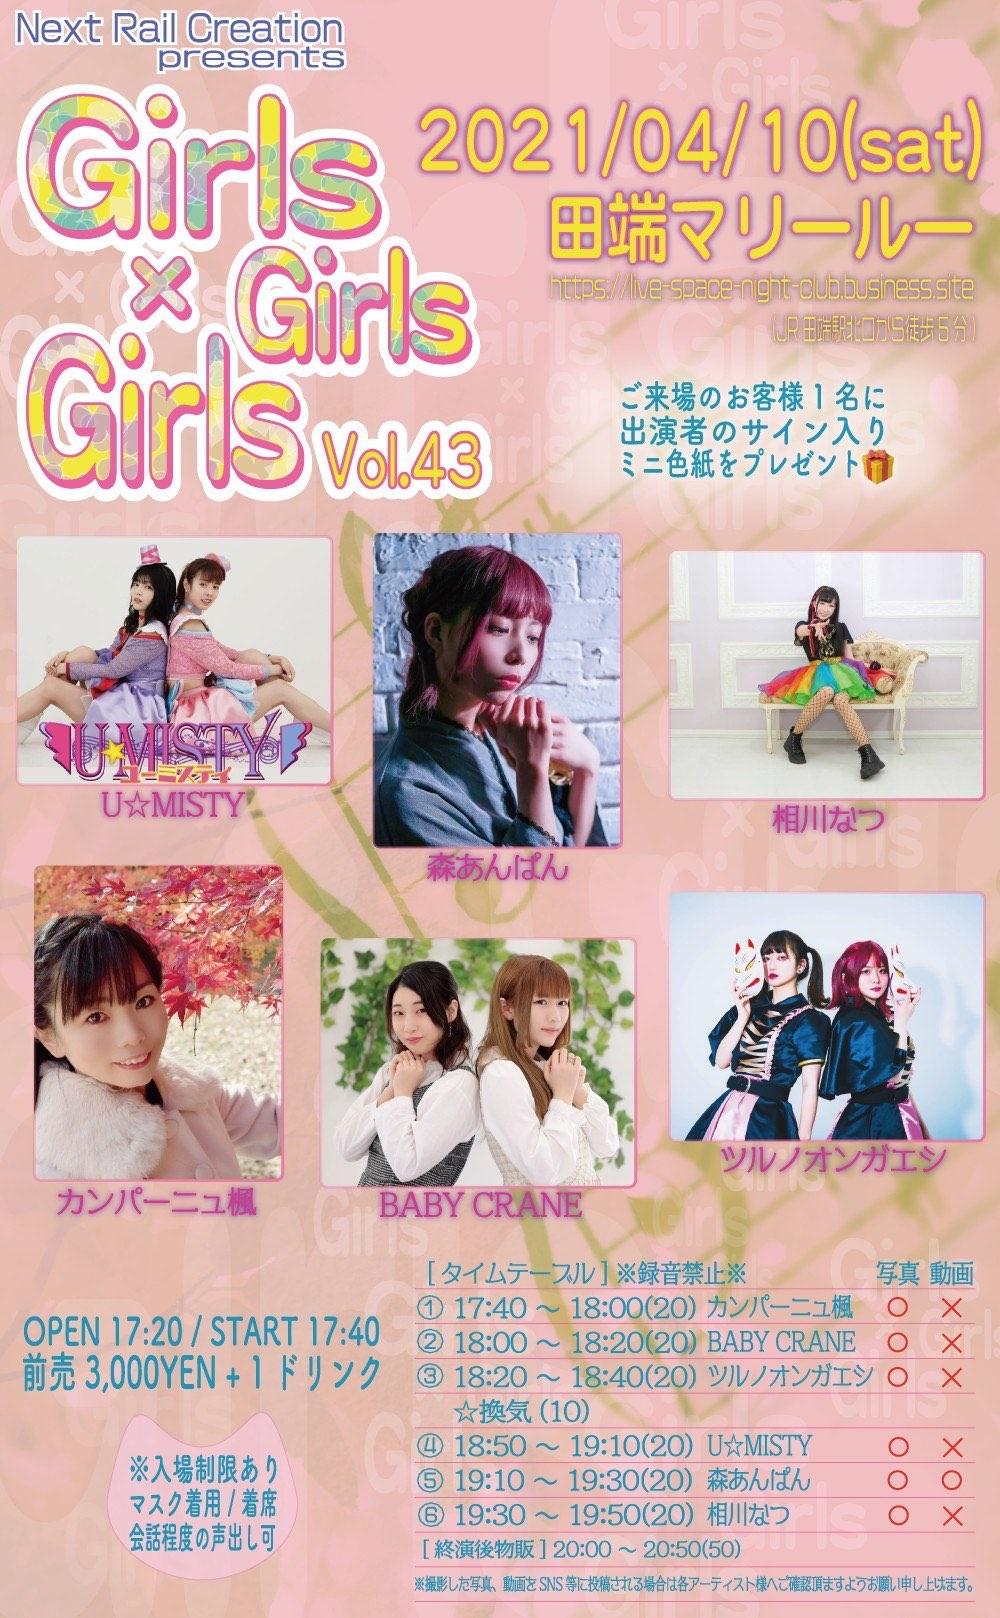 4月10日(土)Next Rail Creation presents 「Girls × Girls × Girls vol.43」に出演します!!!